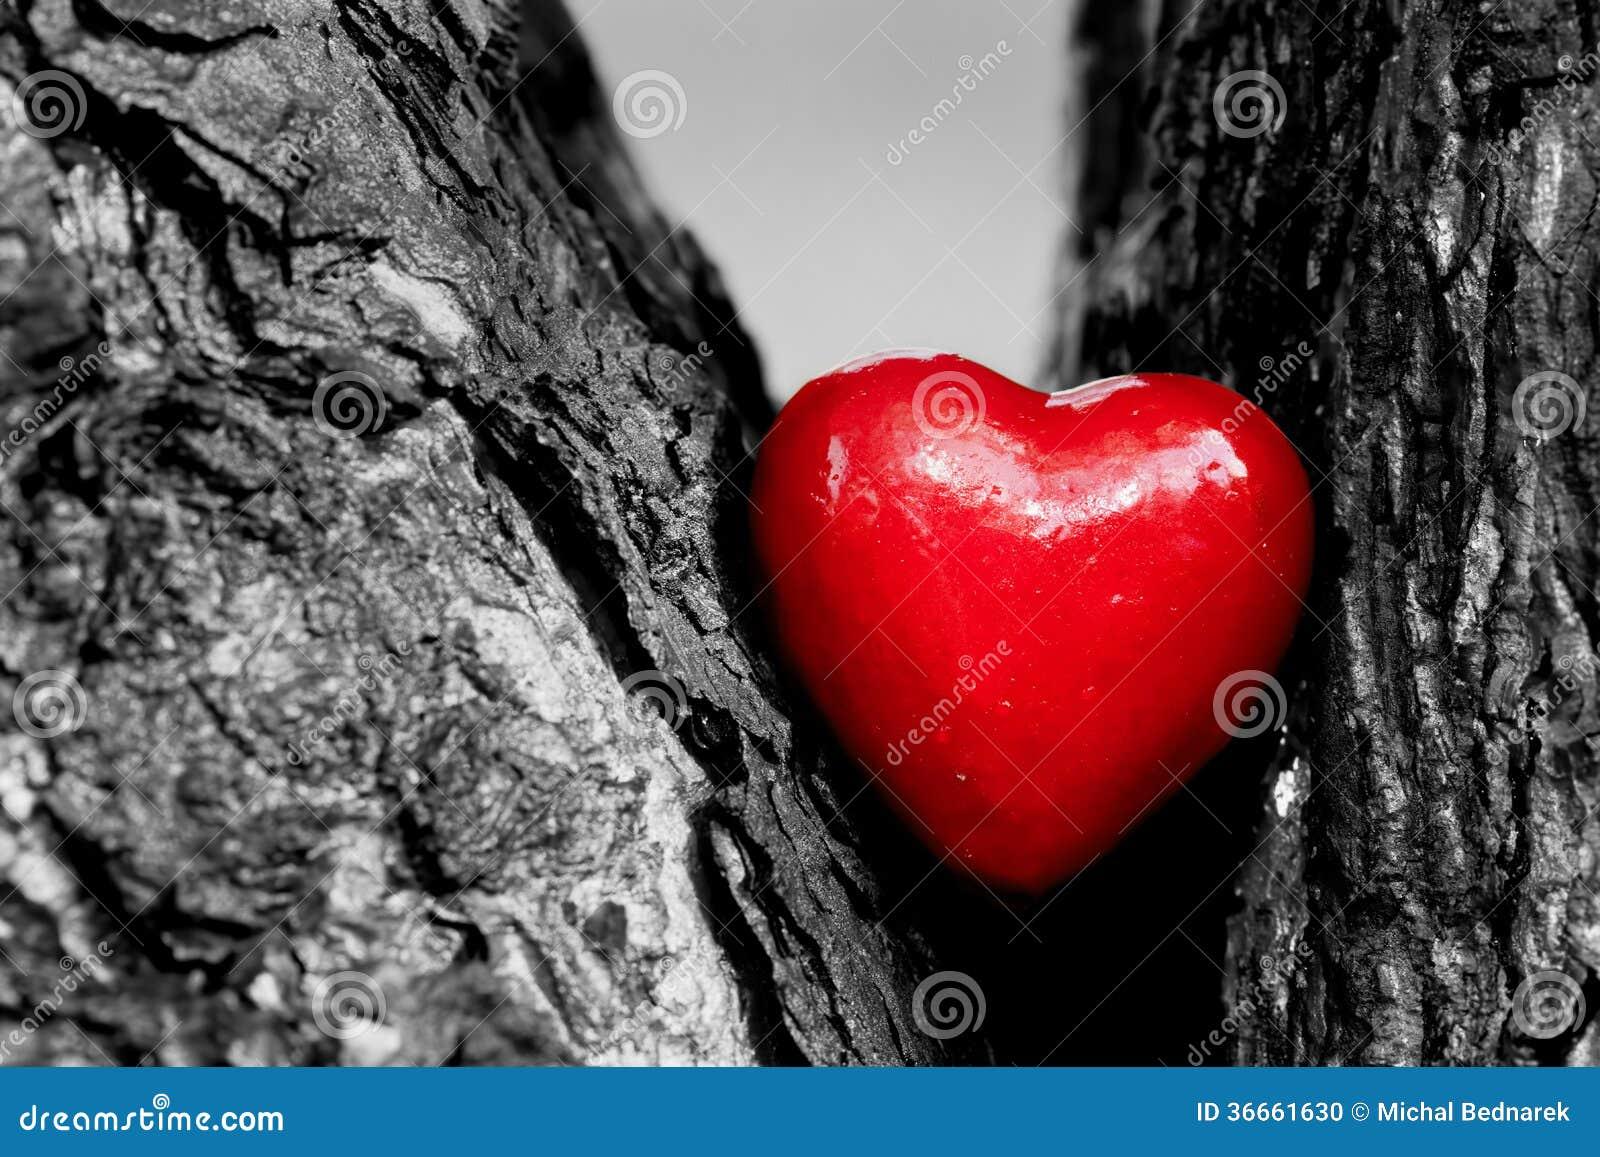 Coeur rouge dans un tronc d 39 arbre amour romantique photo stock image 36661630 - Photo romantique noir et blanc ...